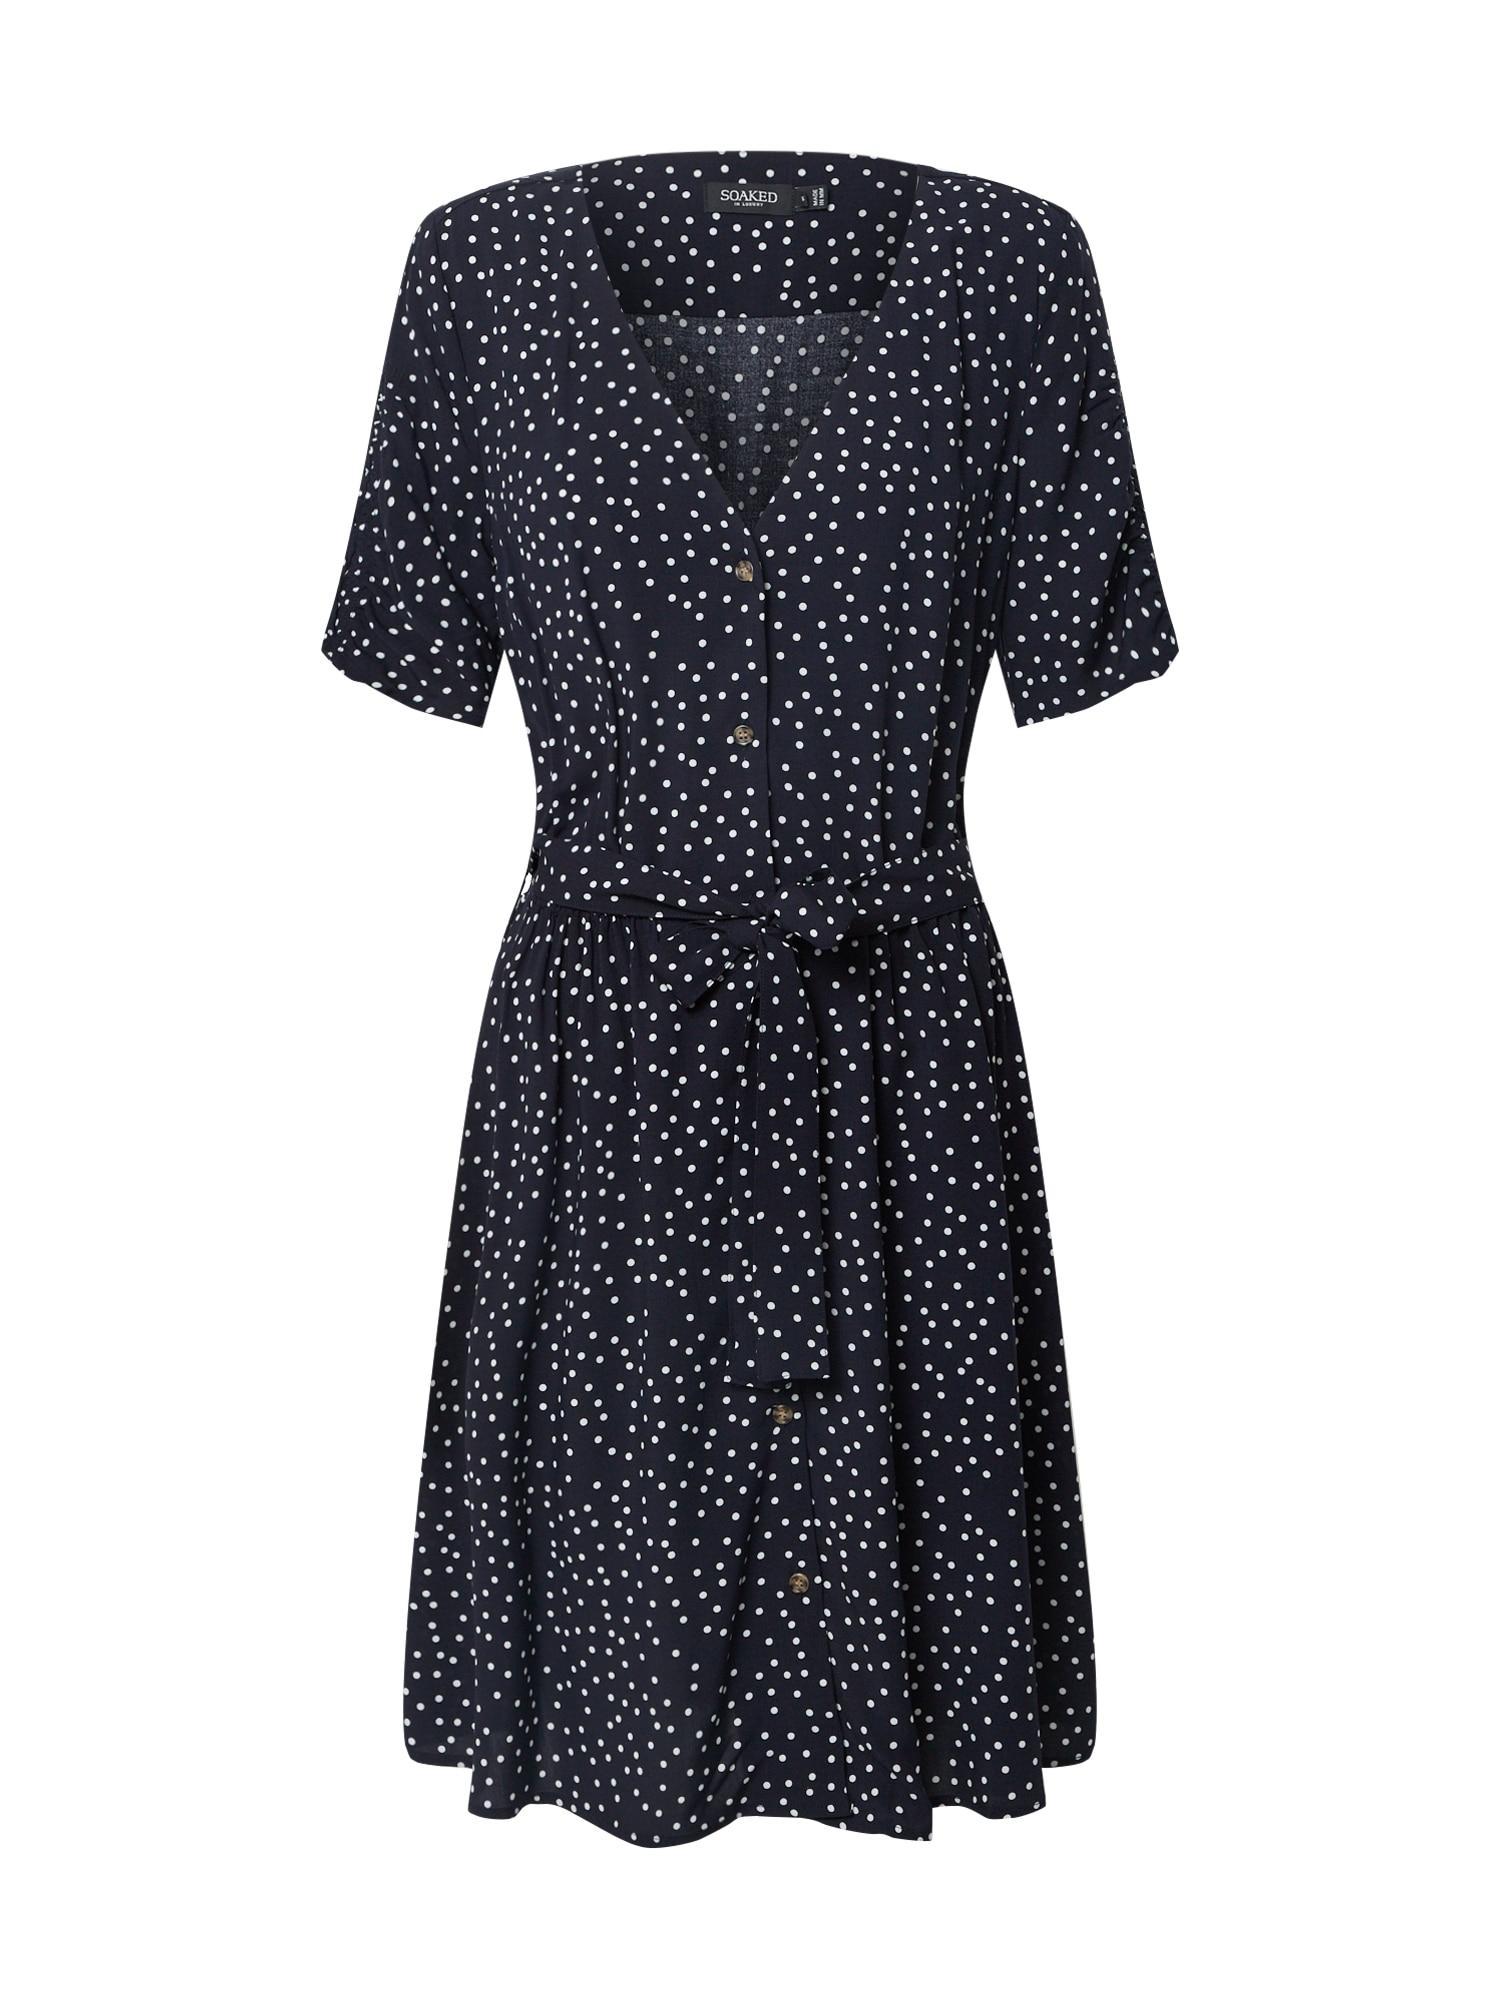 SOAKED IN LUXURY Vasarinė suknelė 'SLArjana' balta / nakties mėlyna